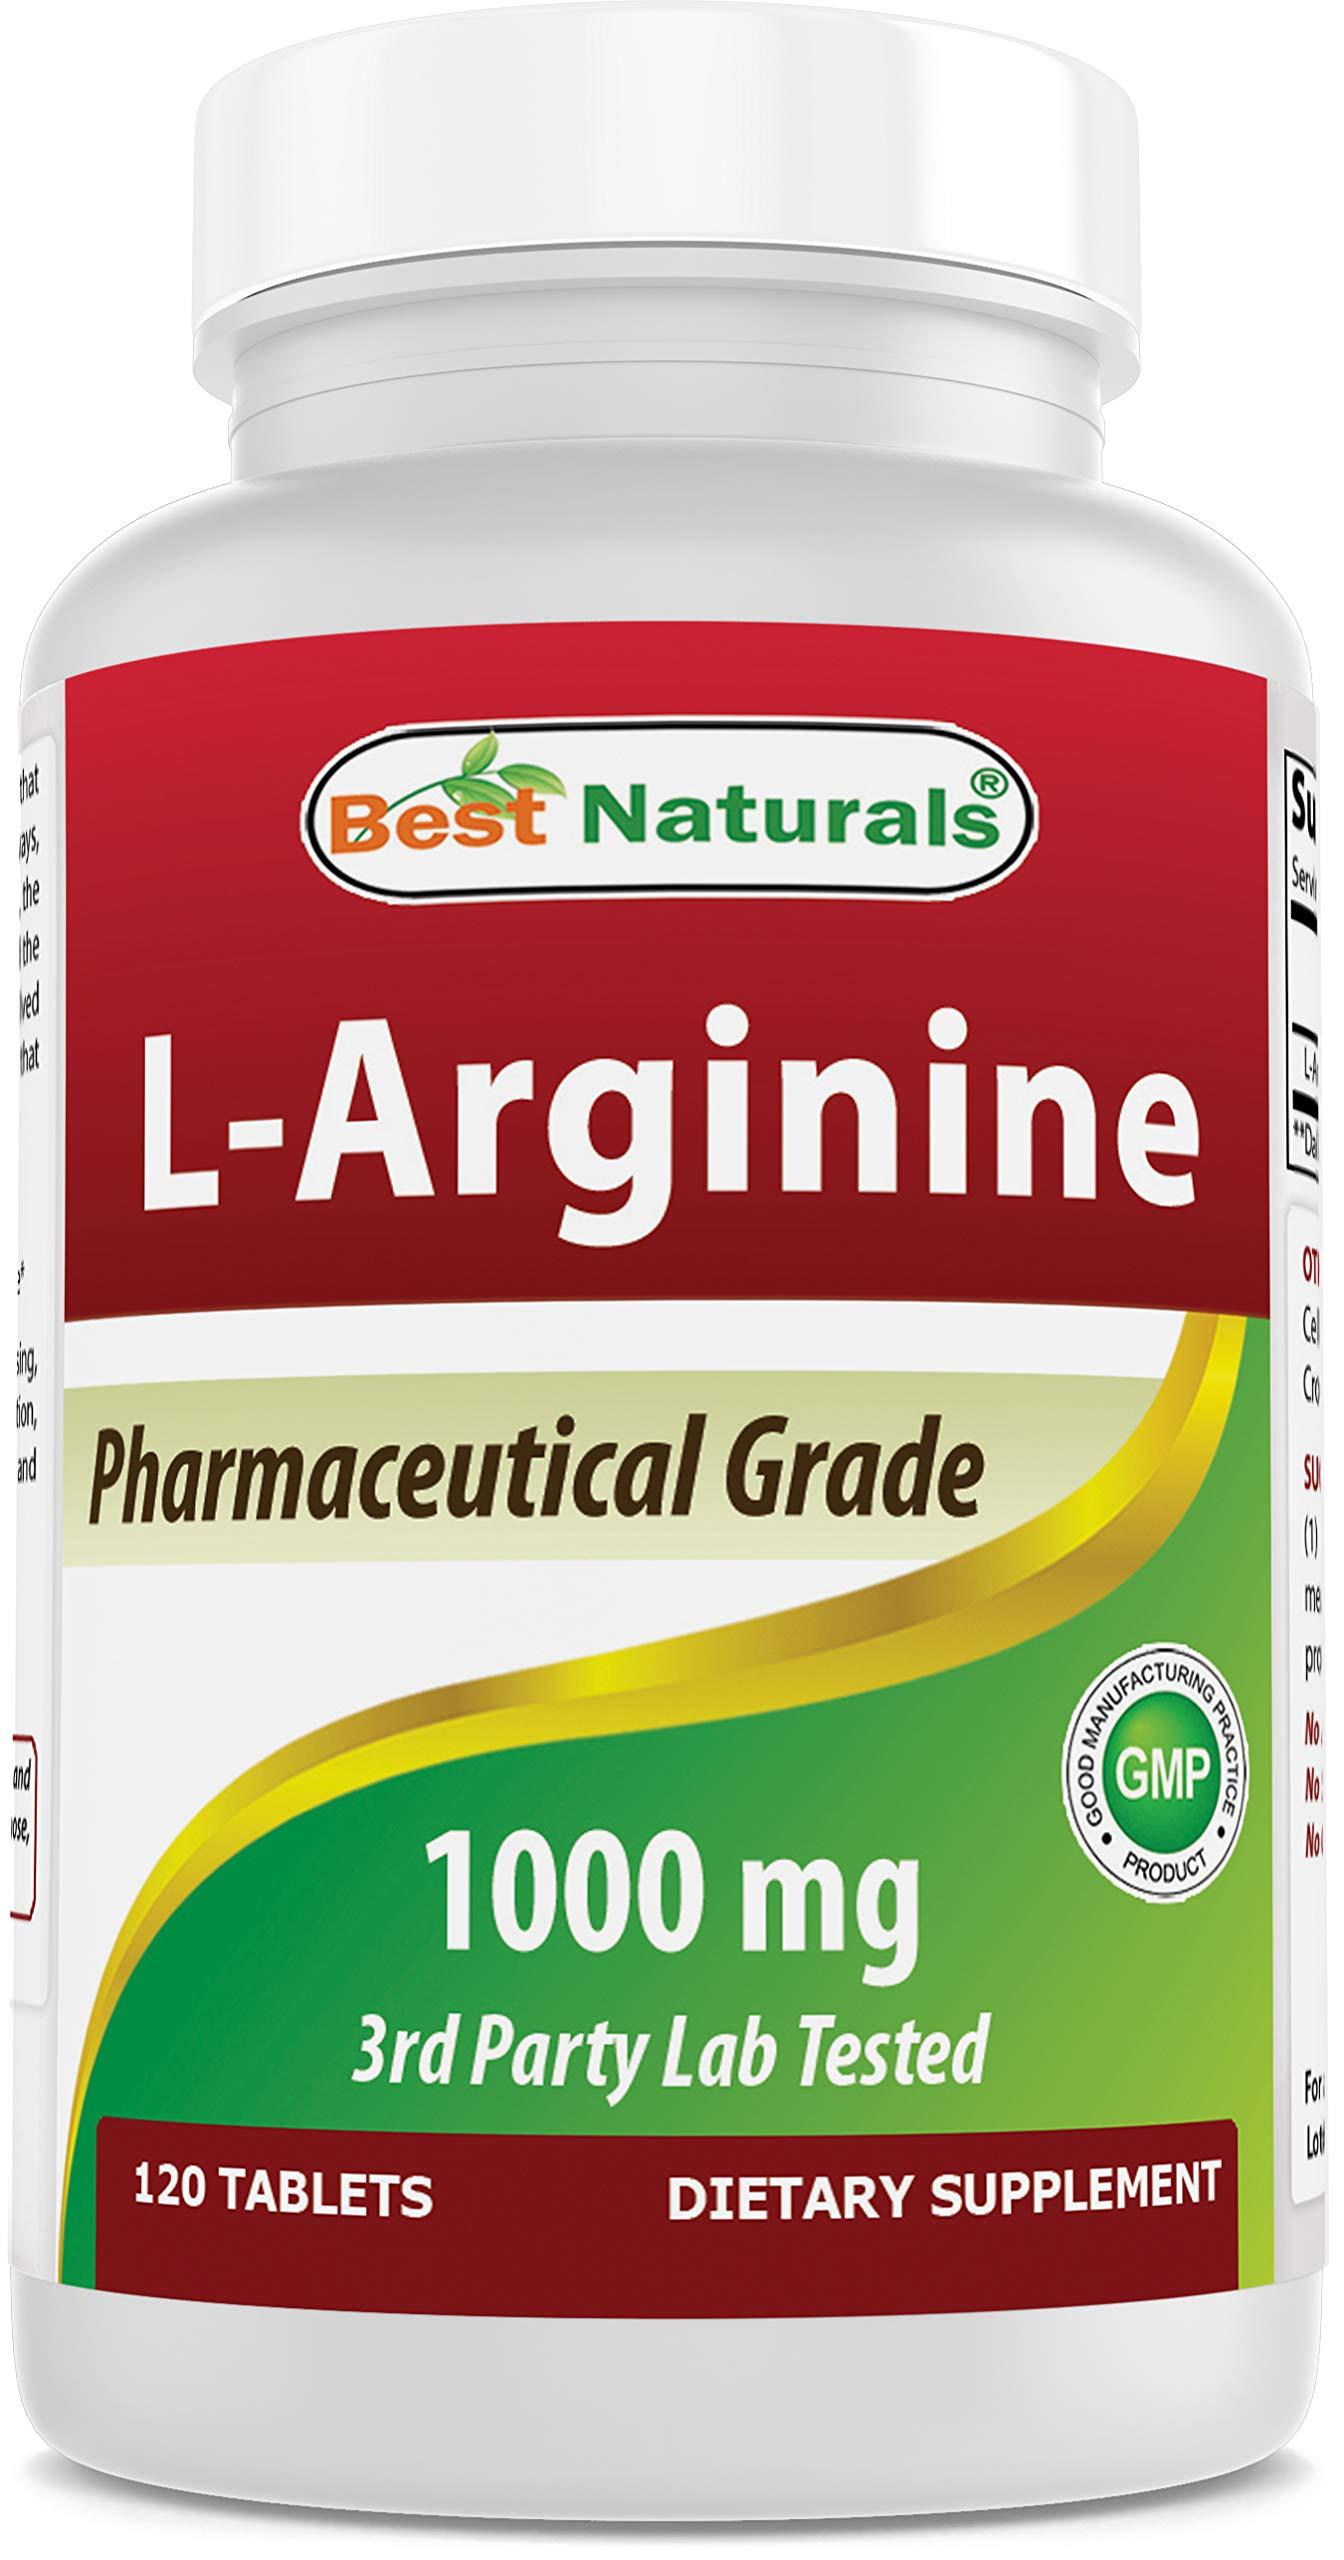 (New Improved Formula) Best Naturals L-Arginine 1000 mg 120 Tablets - Pharmaceutical Grade L Arginine Supplement Promotes Nitric Oxide Synthesis